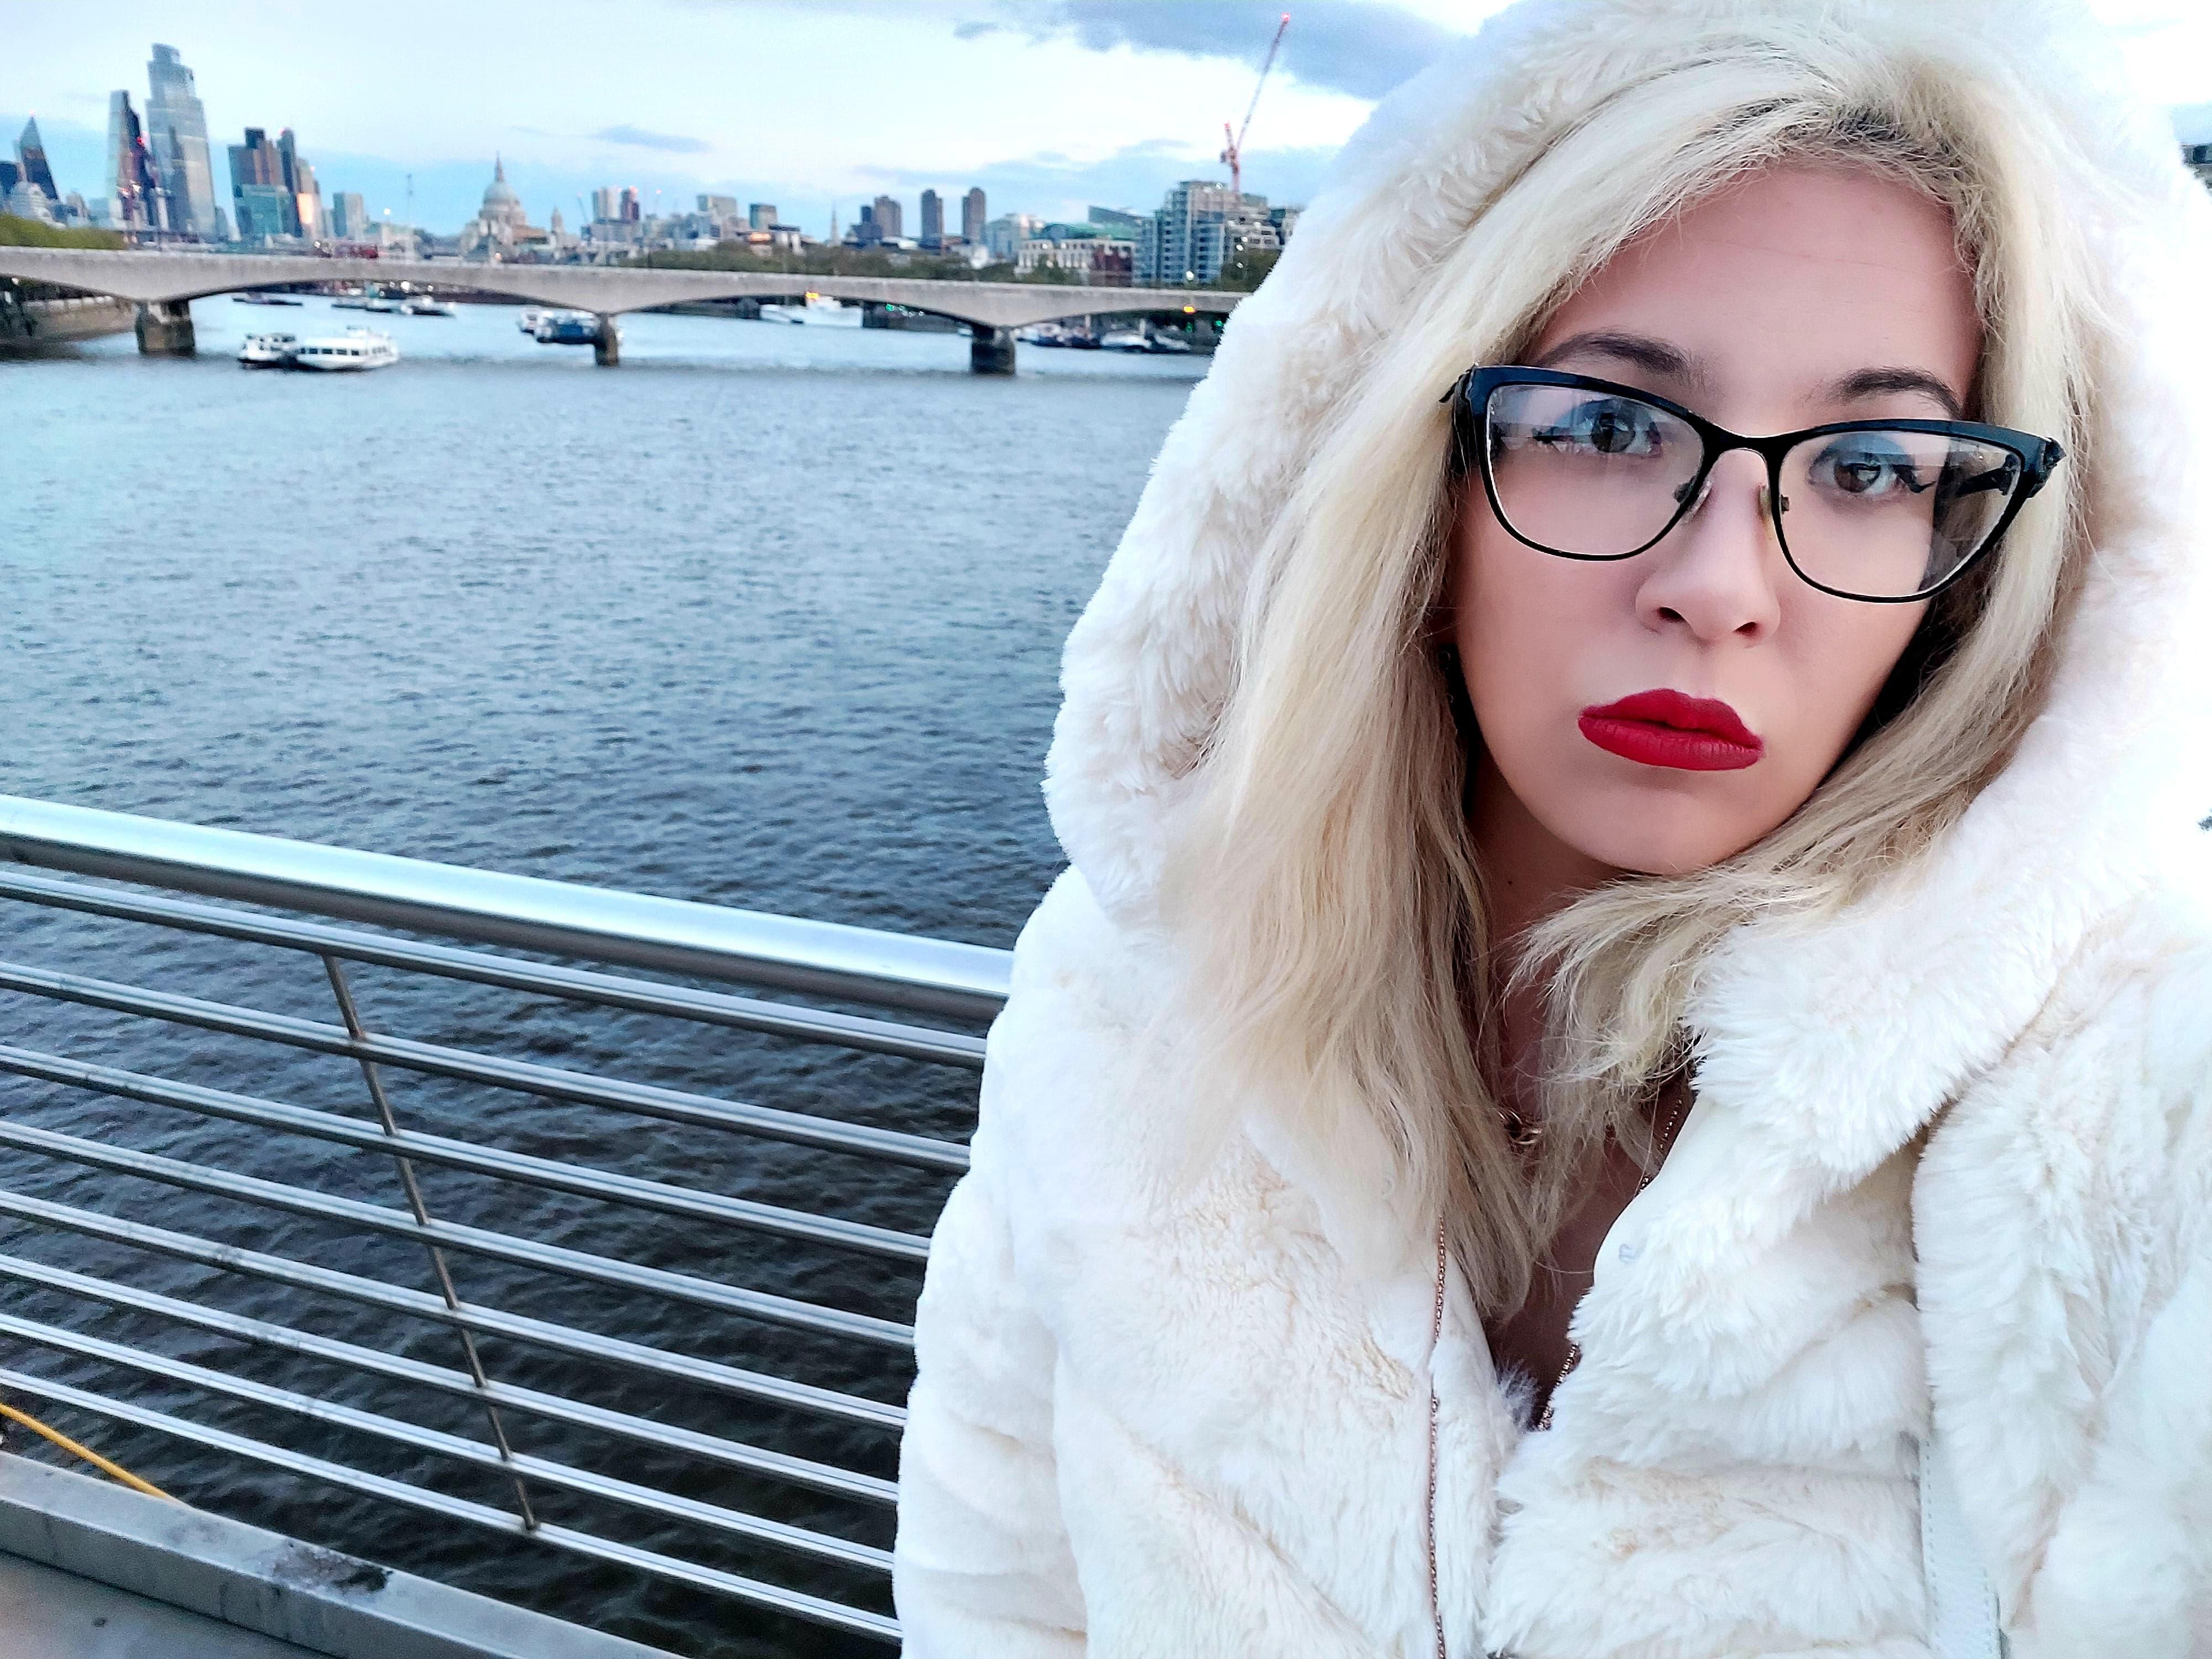 Megtalálhatták a Londonban eltűnt húszéves magyar lány holttestét